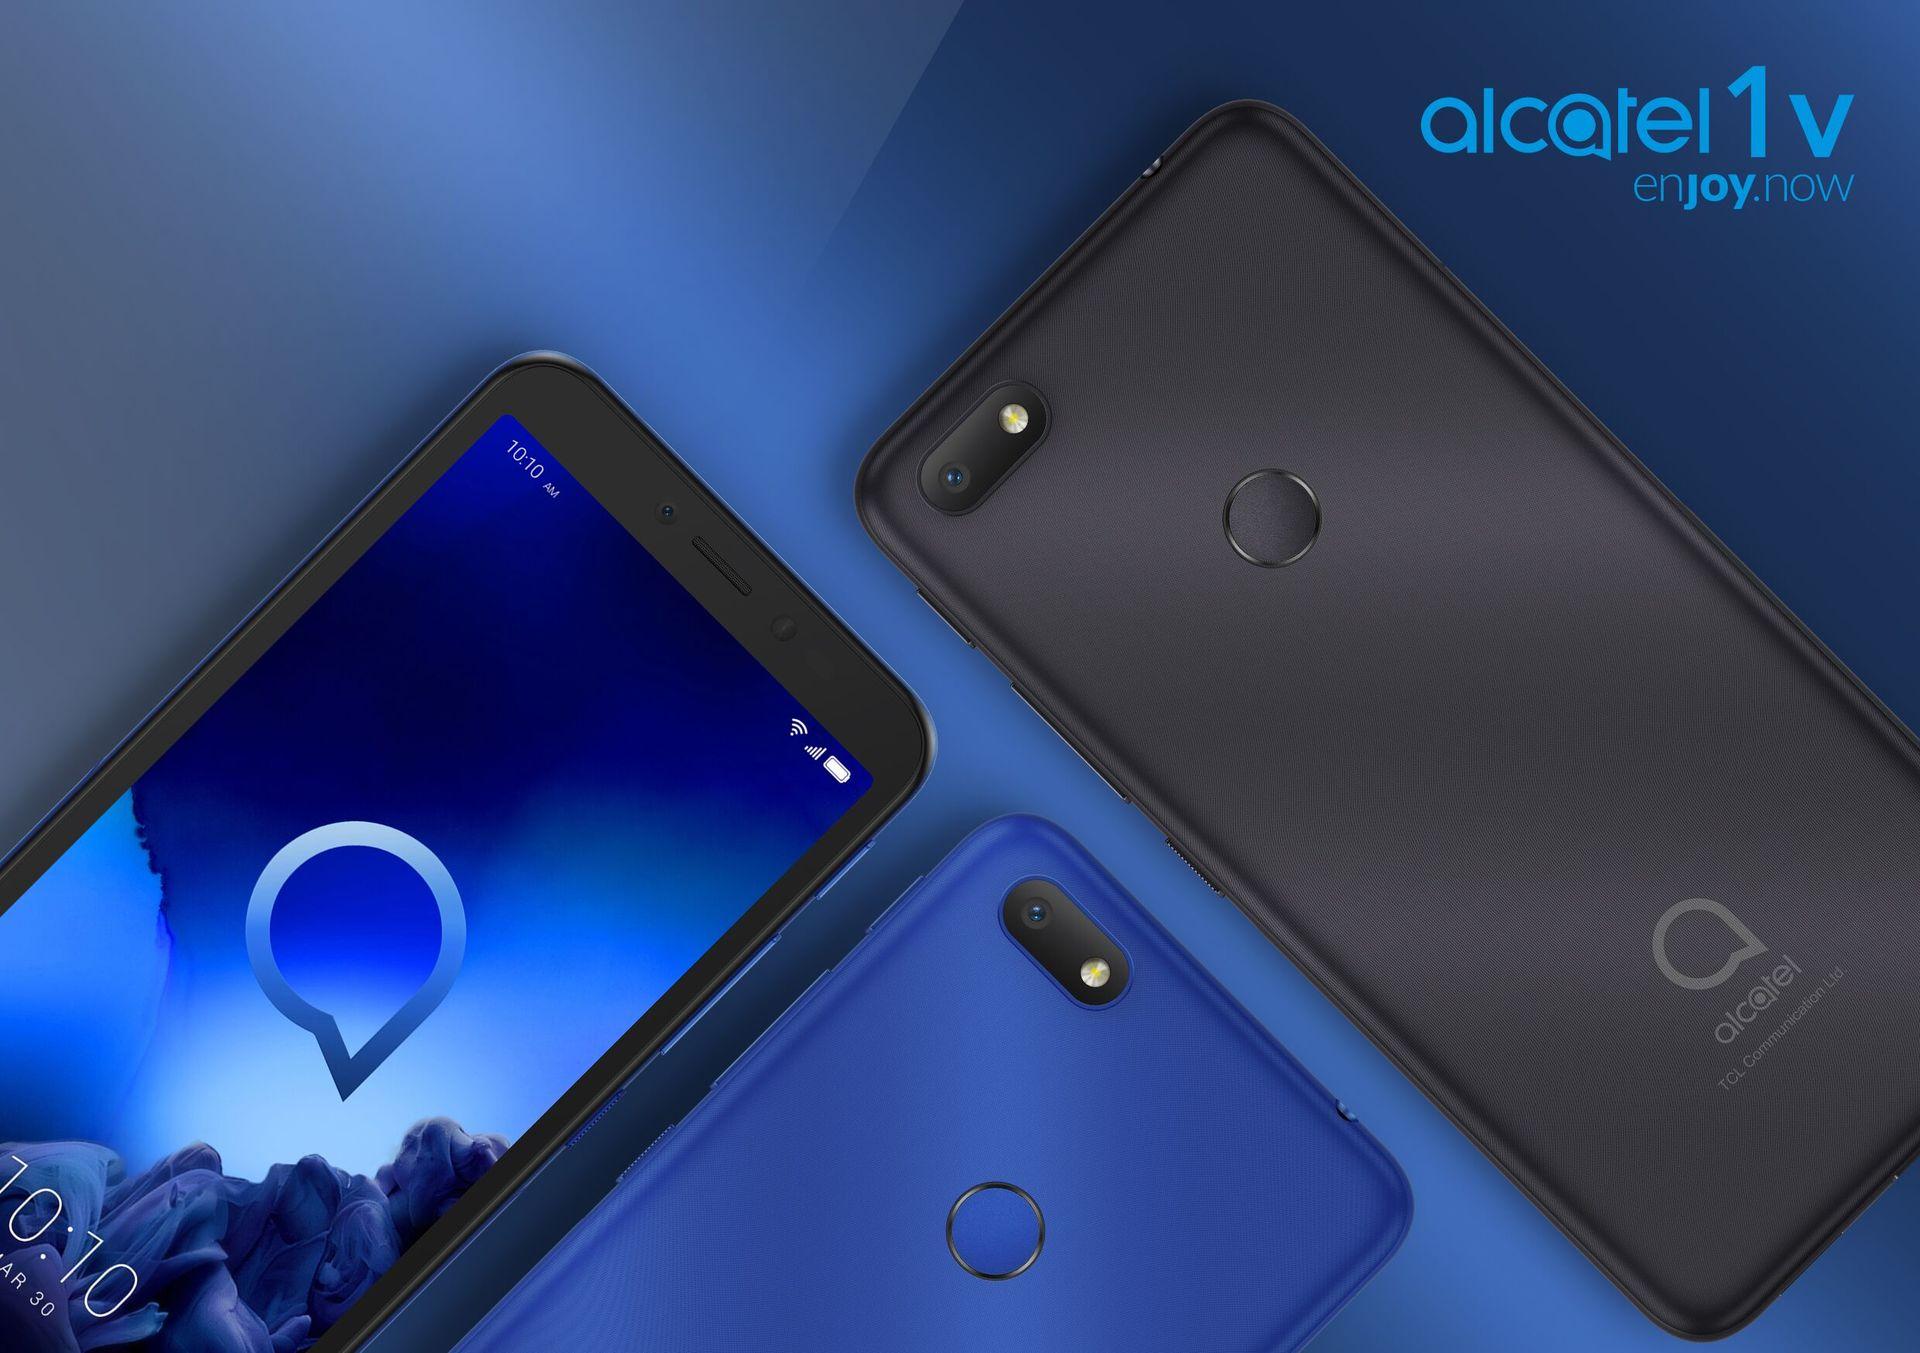 Alcatel 1V (2019)